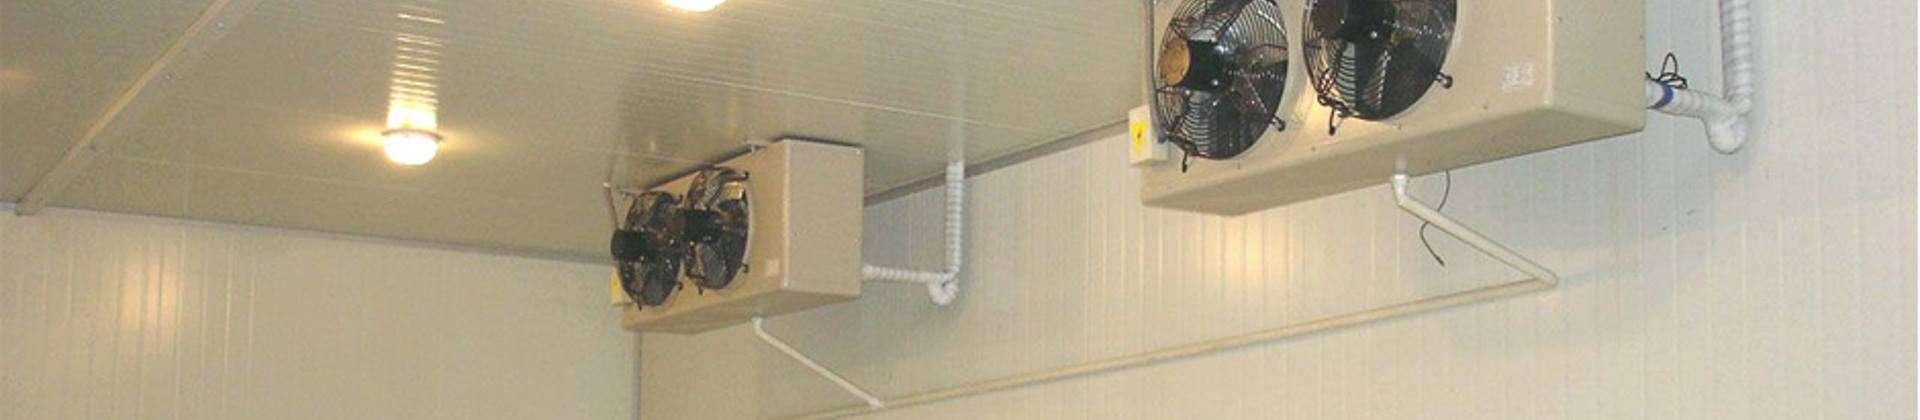 cámaras frigoríficas con panel sandwich frigorifico